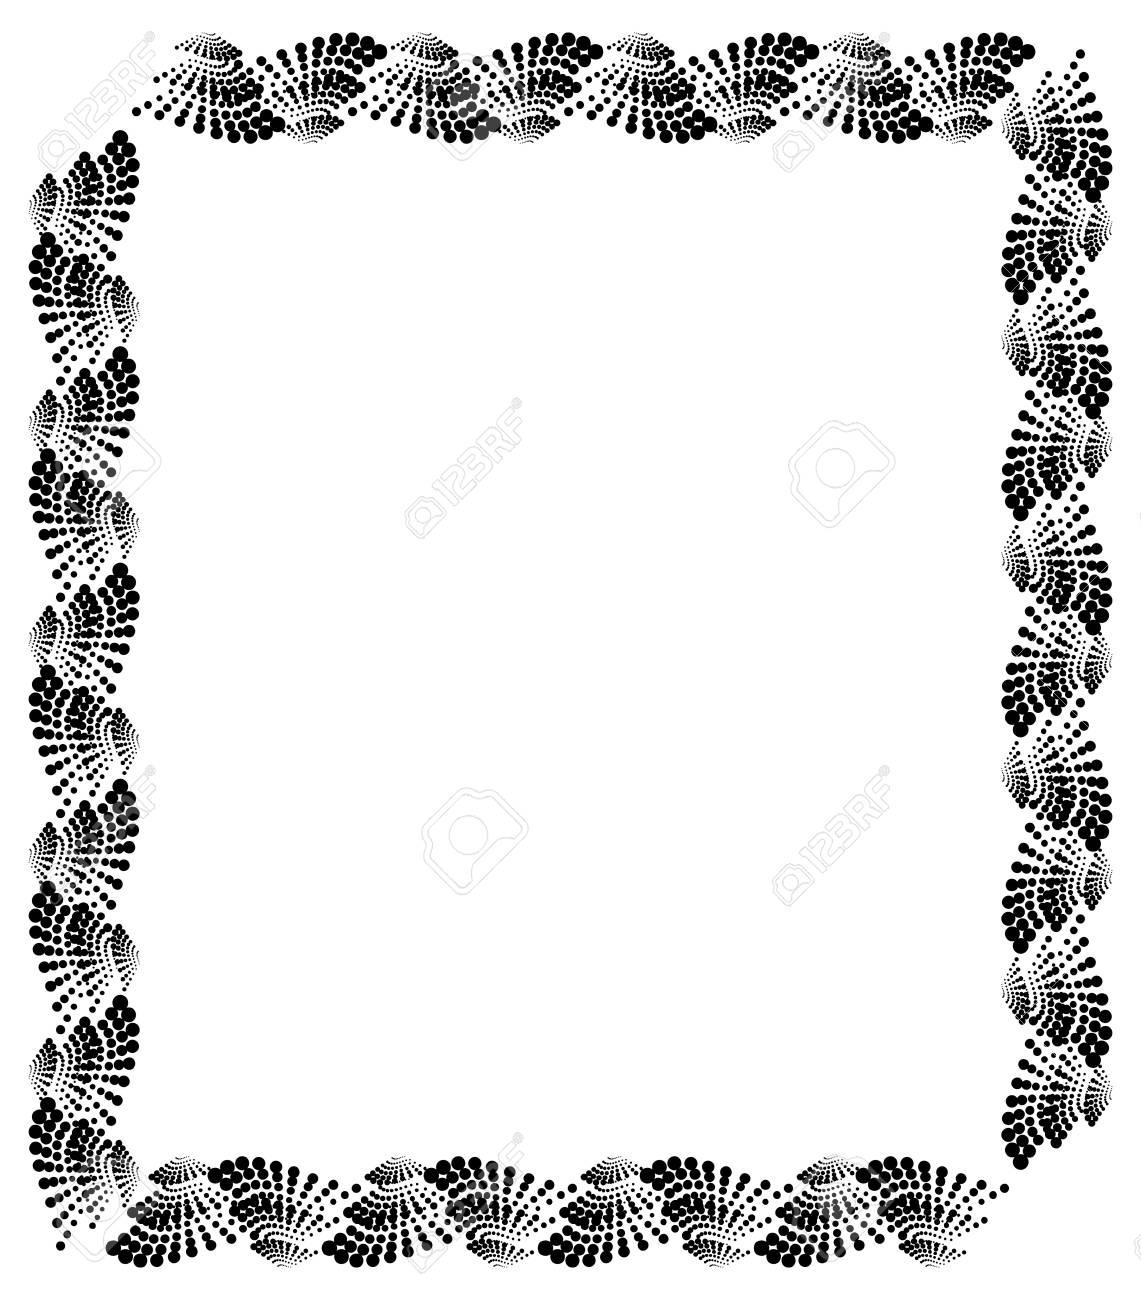 Abstrakter Vertikaler Schwarzweiss-Rahmen. Guilloche Grenze Für ...